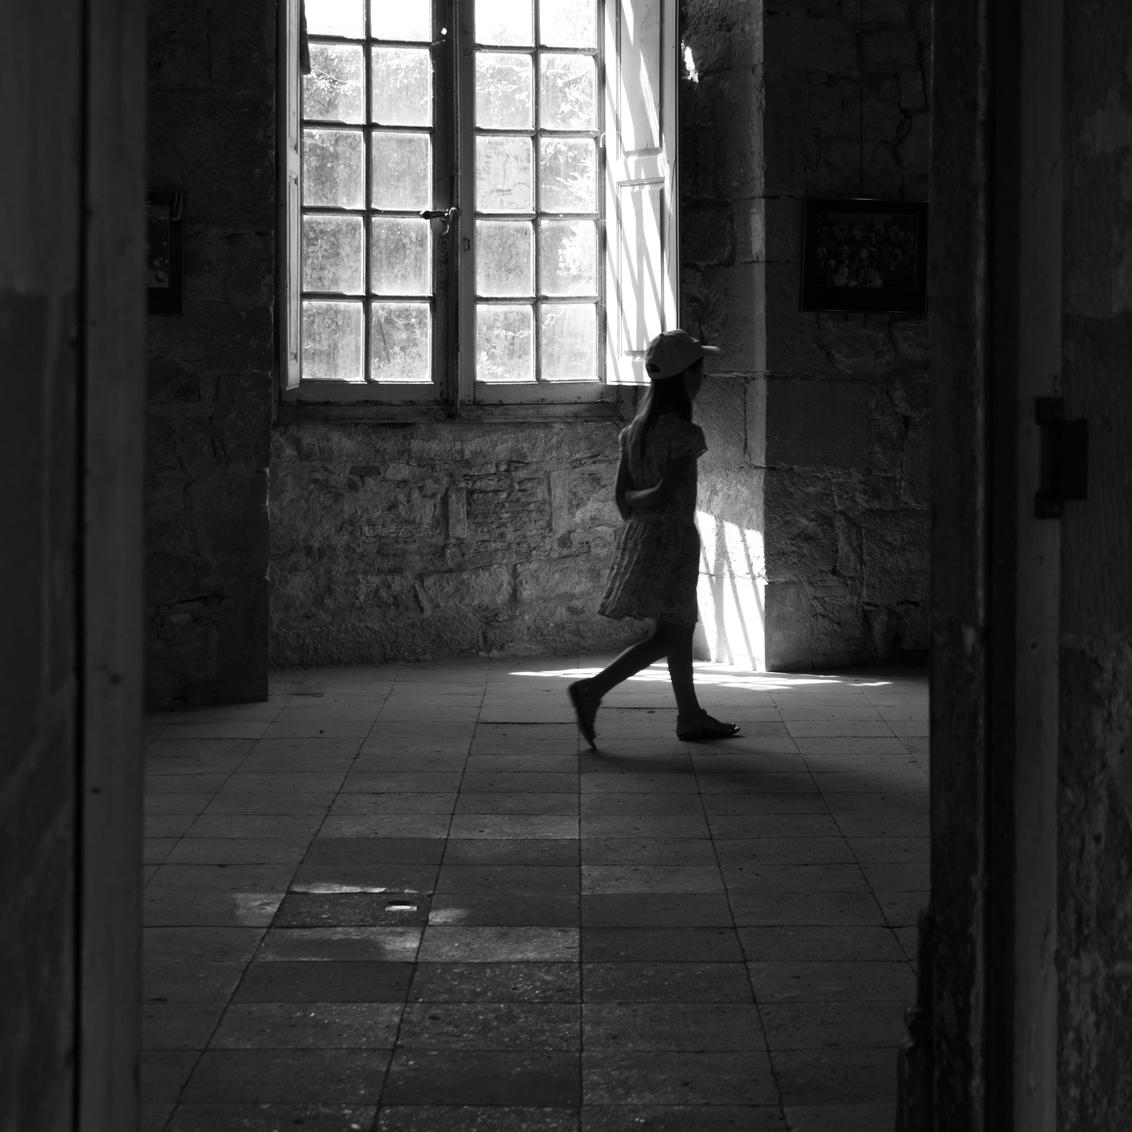 backlit girl with cap - - - foto door janvandycke op 28-10-2020 - deze foto bevat: licht, schaduw, tegenlicht, meisje, zwartwit